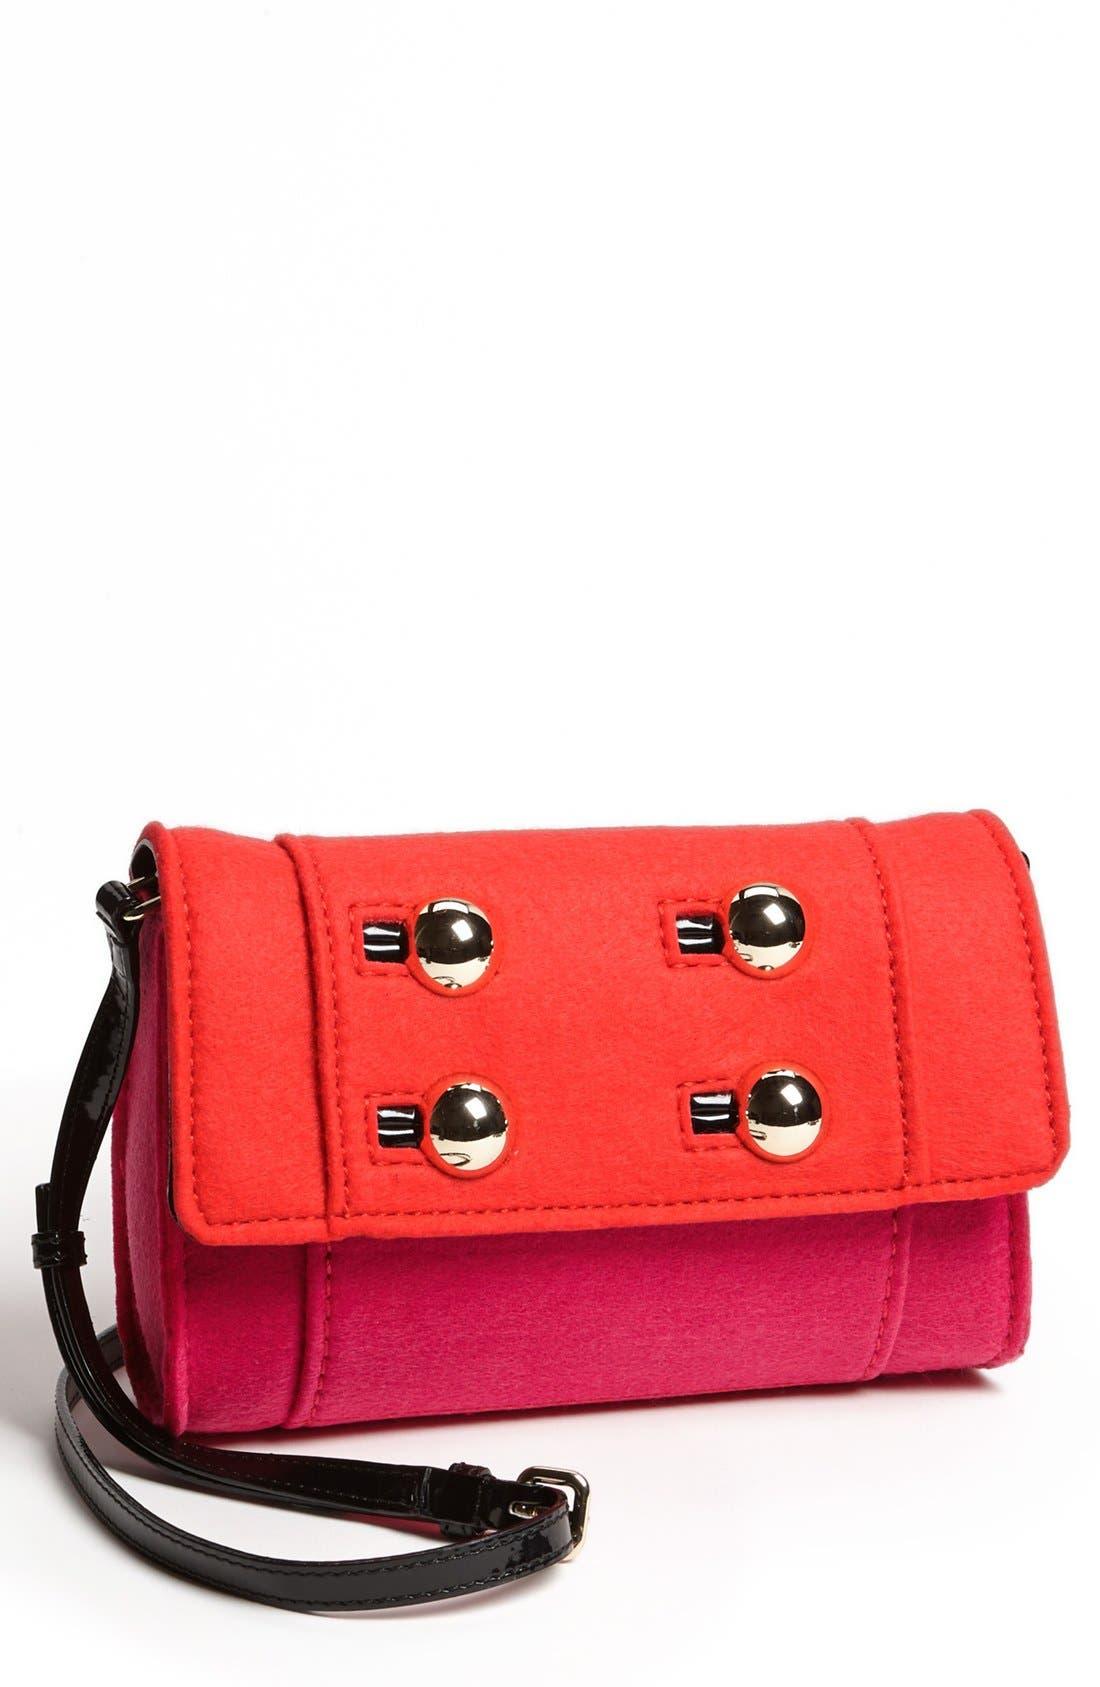 Alternate Image 1 Selected - kate spade new york 'beantown - lene' crossbody bag